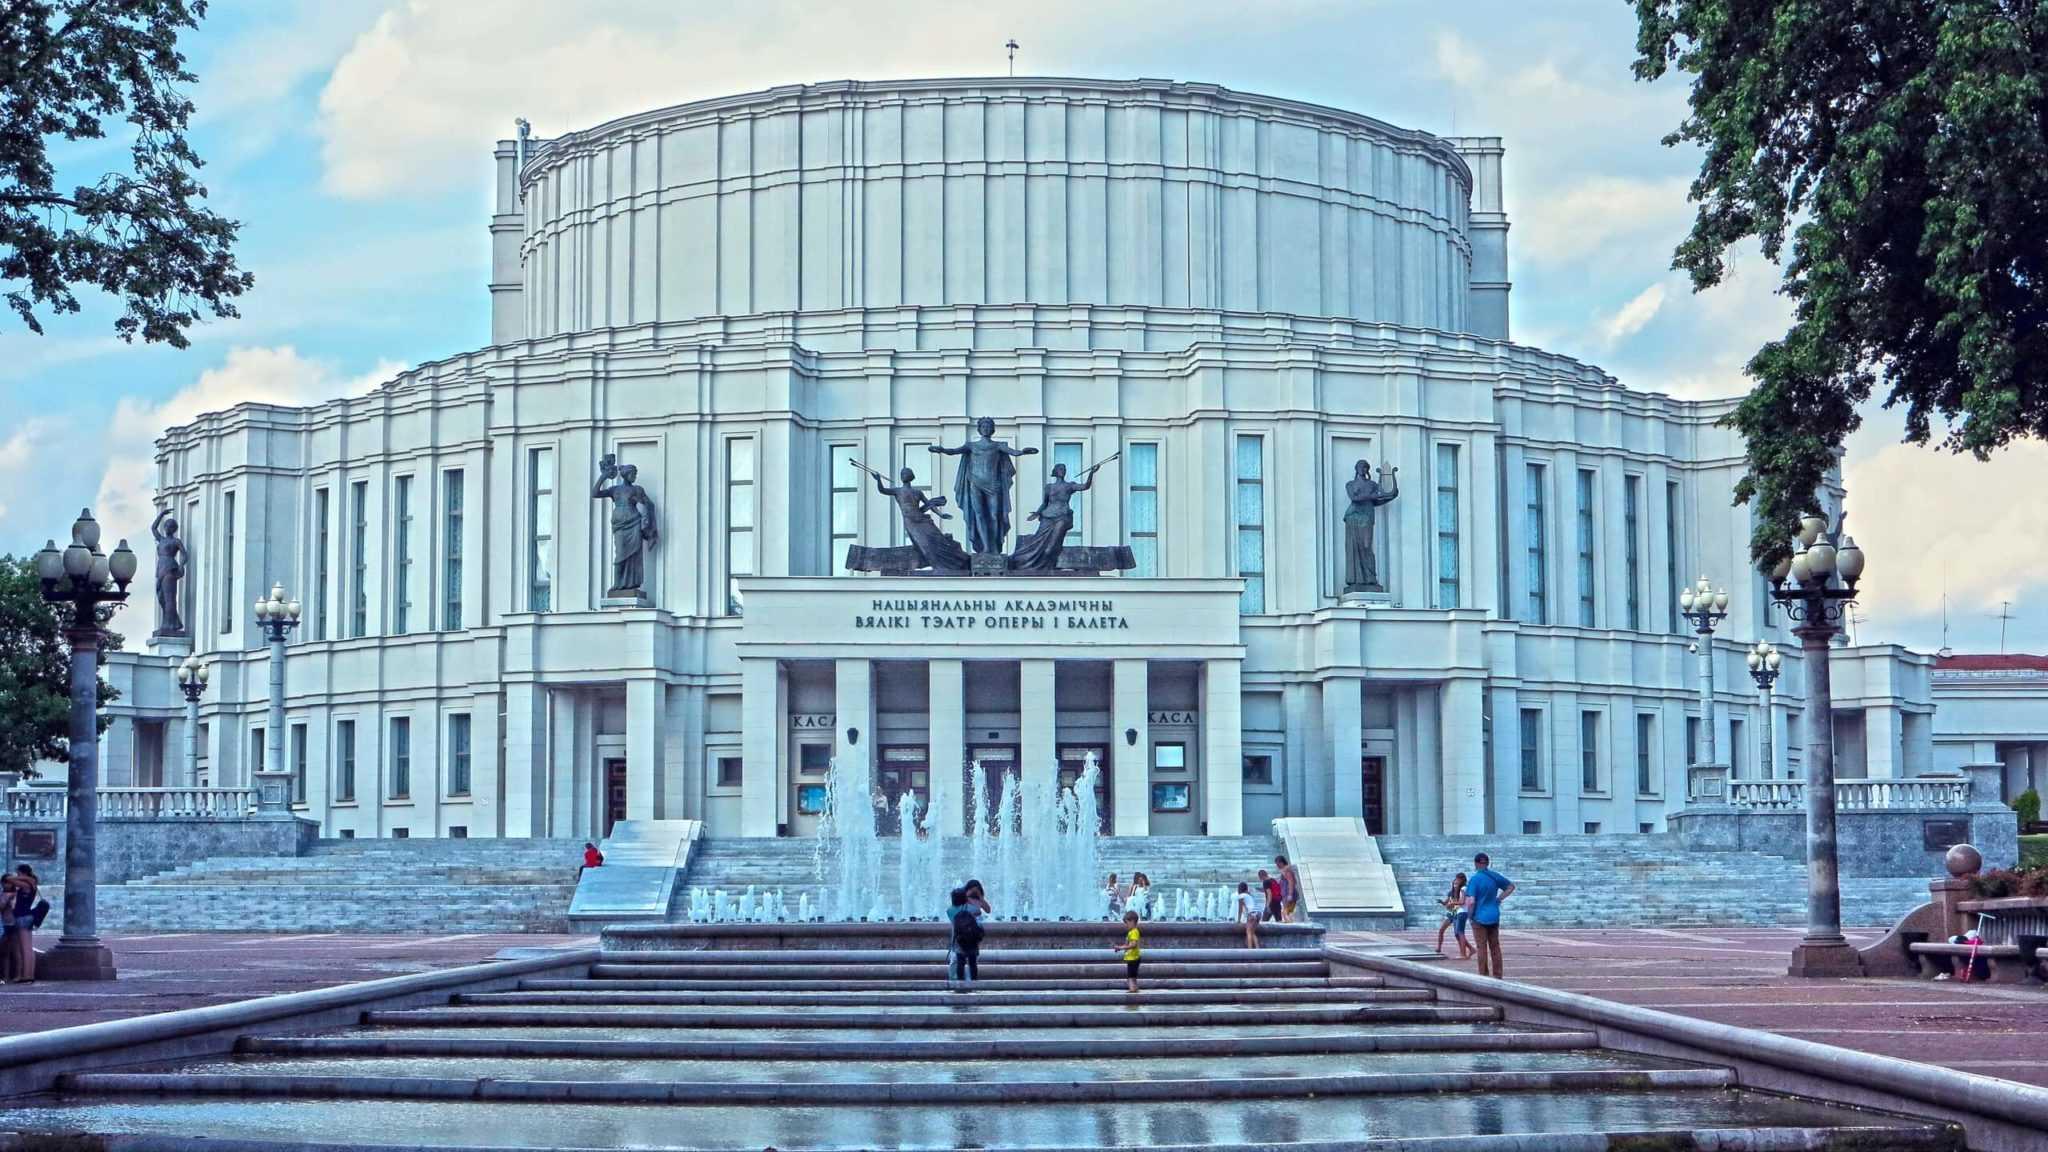 Fountain near the opera theatre in MInsk